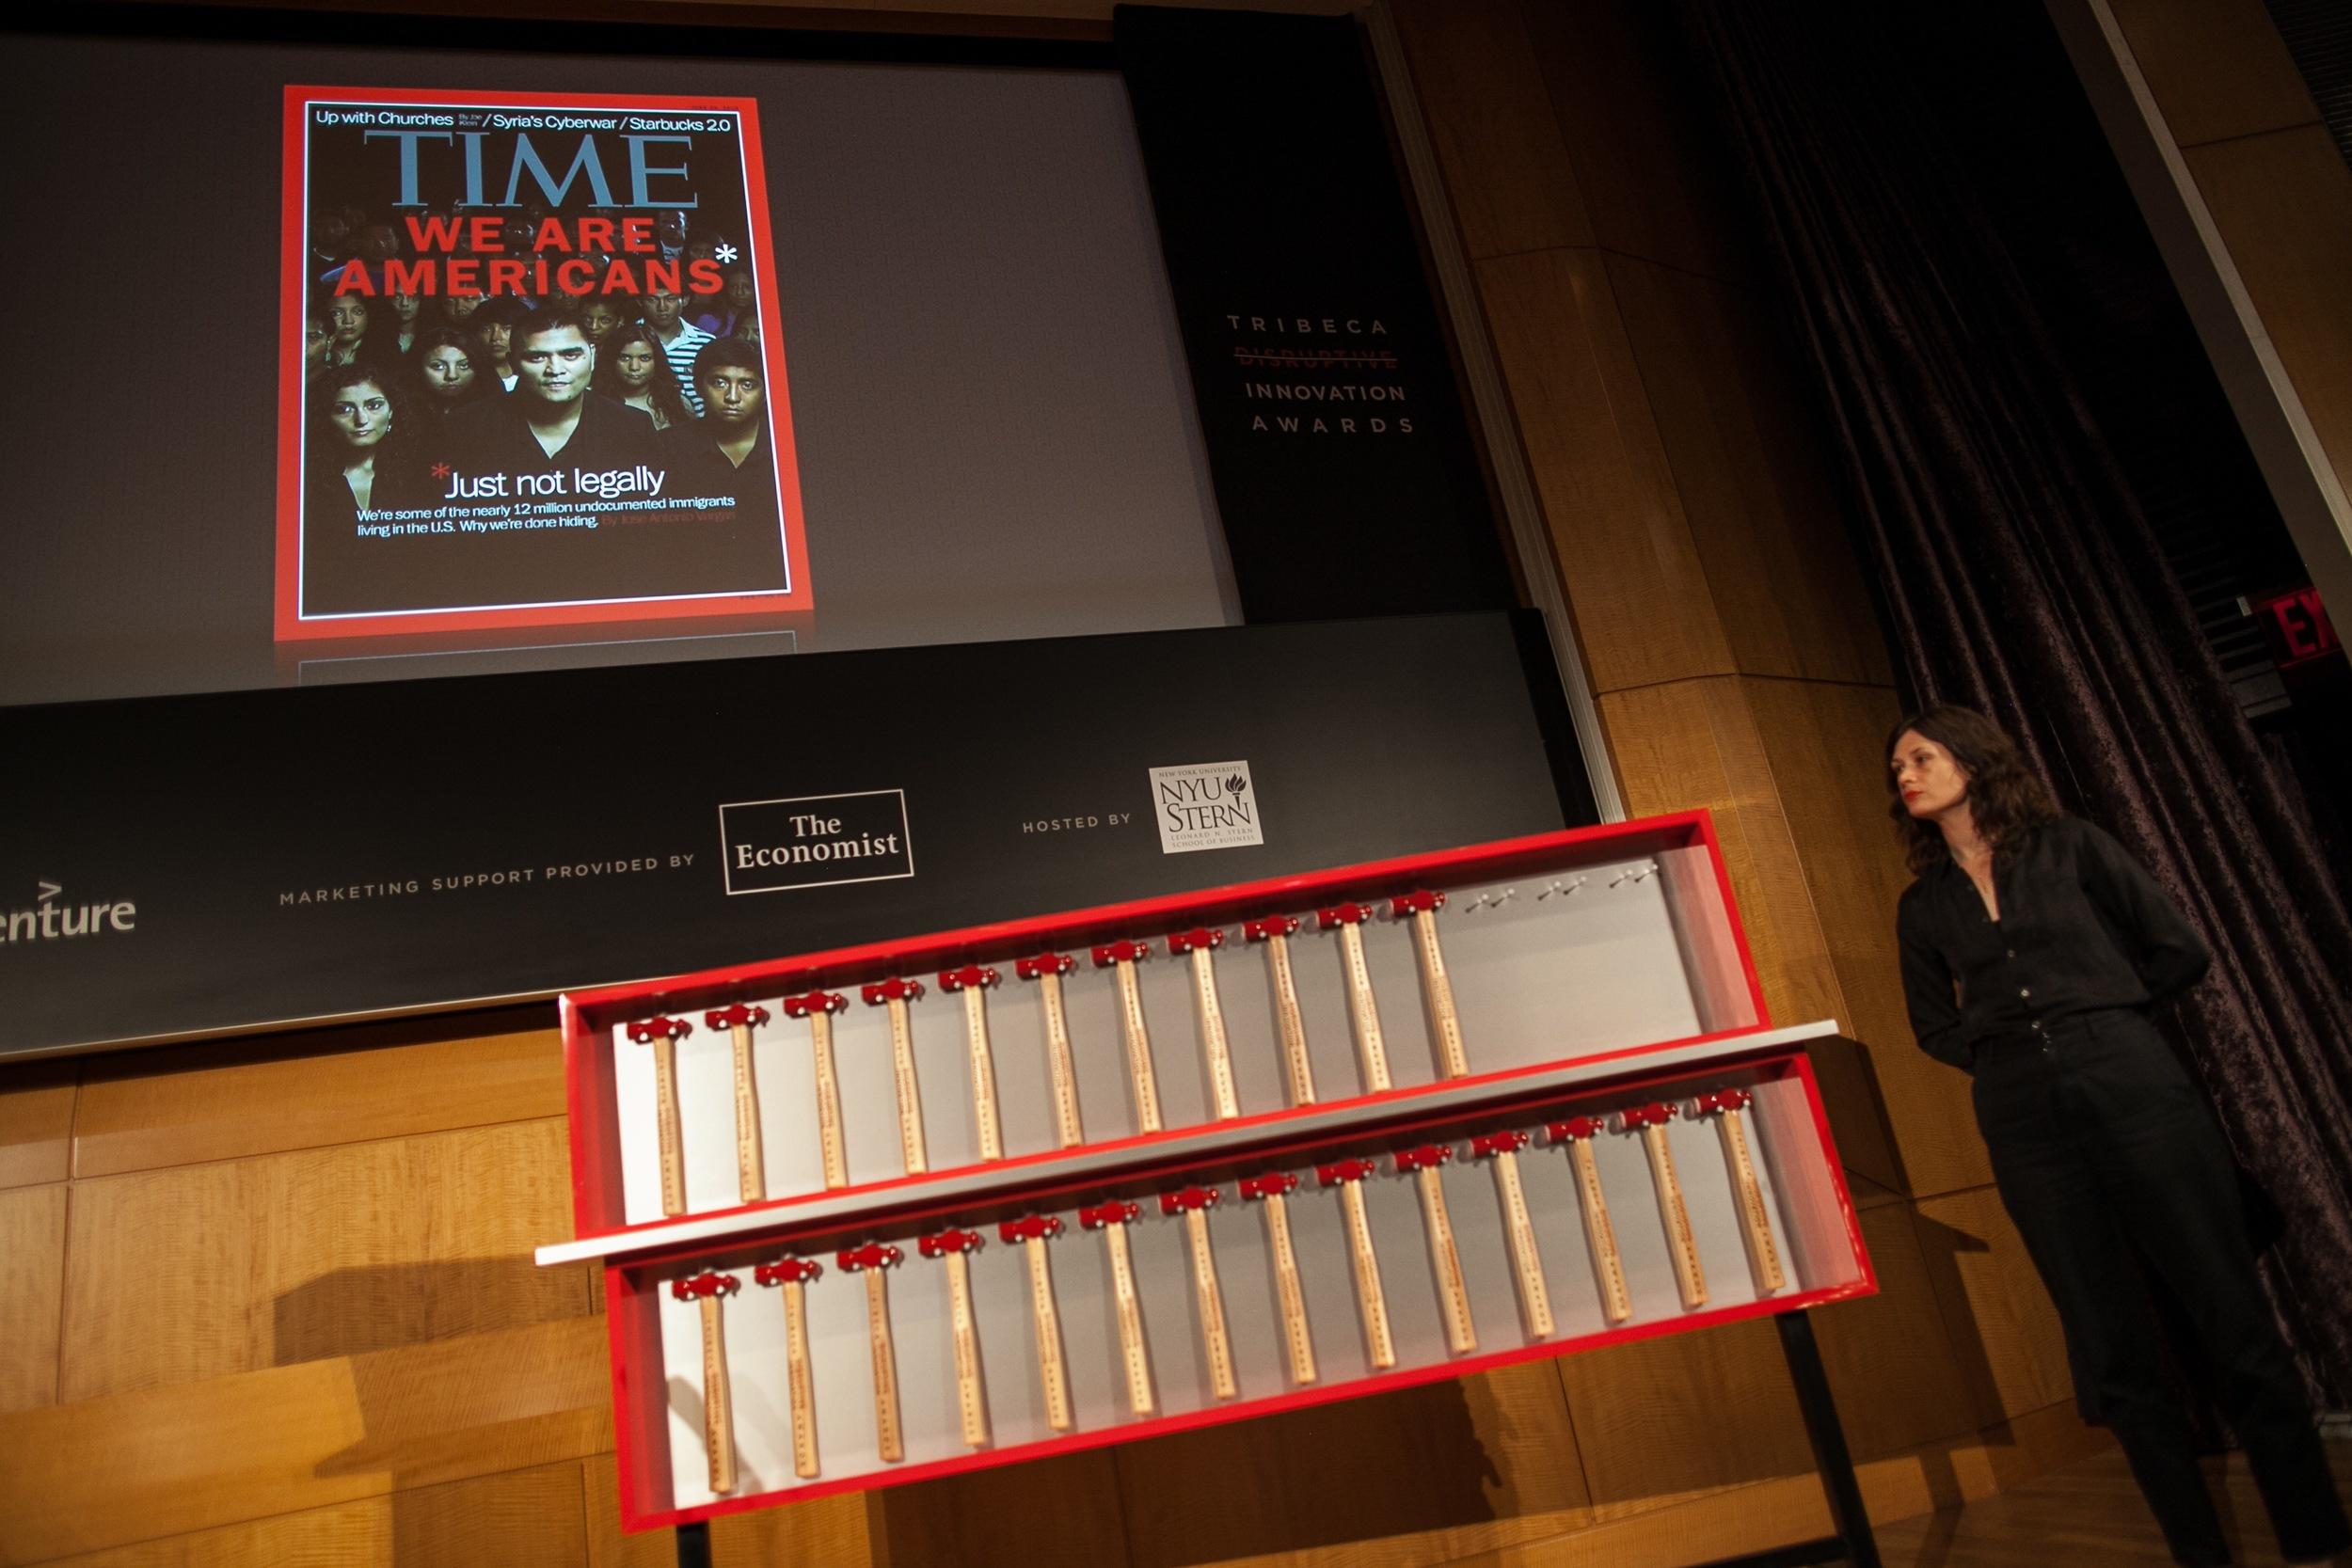 Tribeca Disruptive Innovation Awards 2013 - 059.jpg